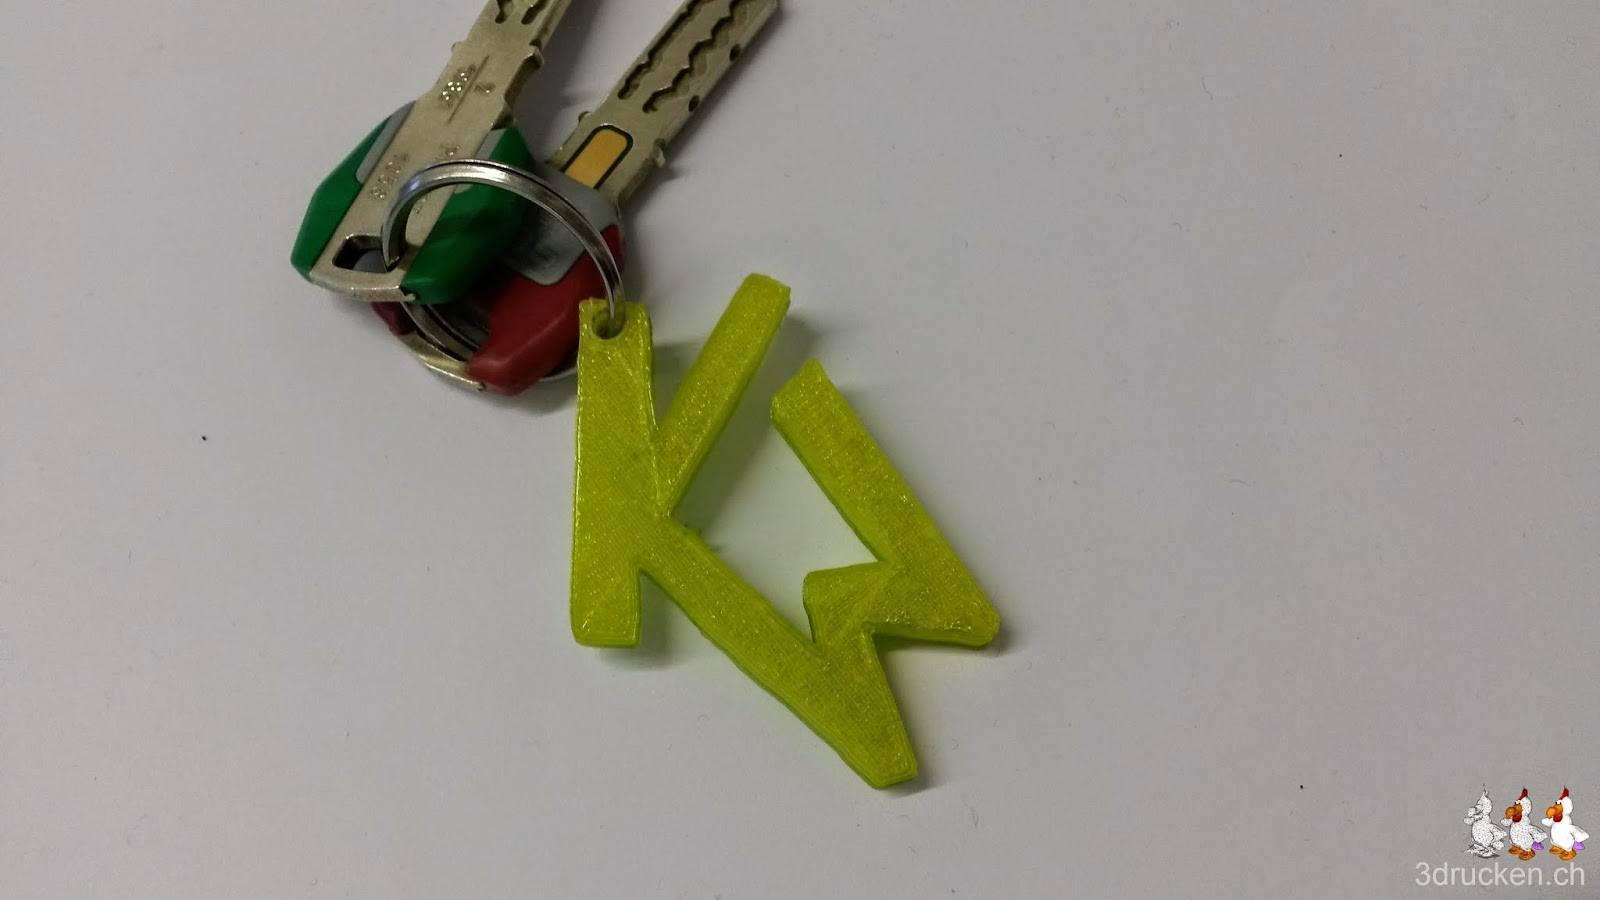 Foto der Initialen KW als Schlüsselanhänger an einem Schlüsselring mit zwei Schlüsseln